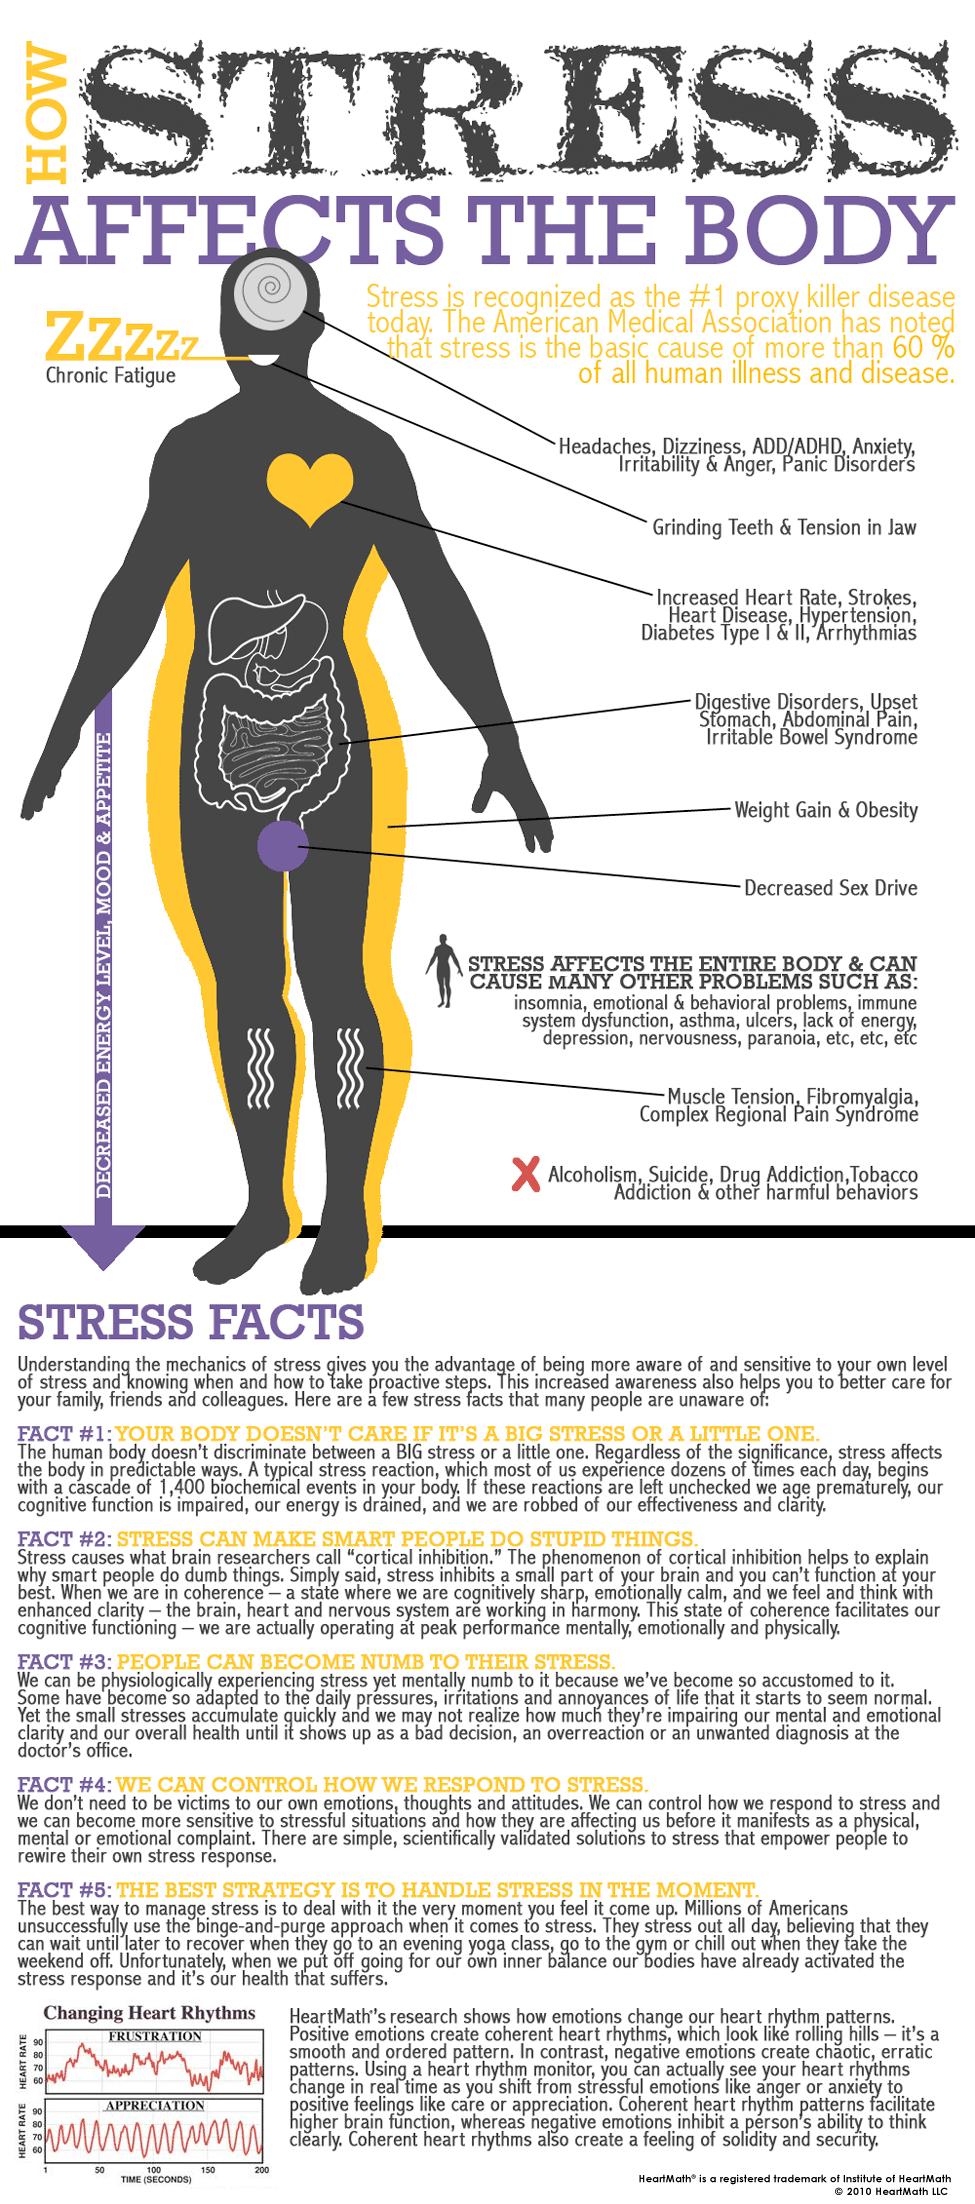 Que afecta el estres